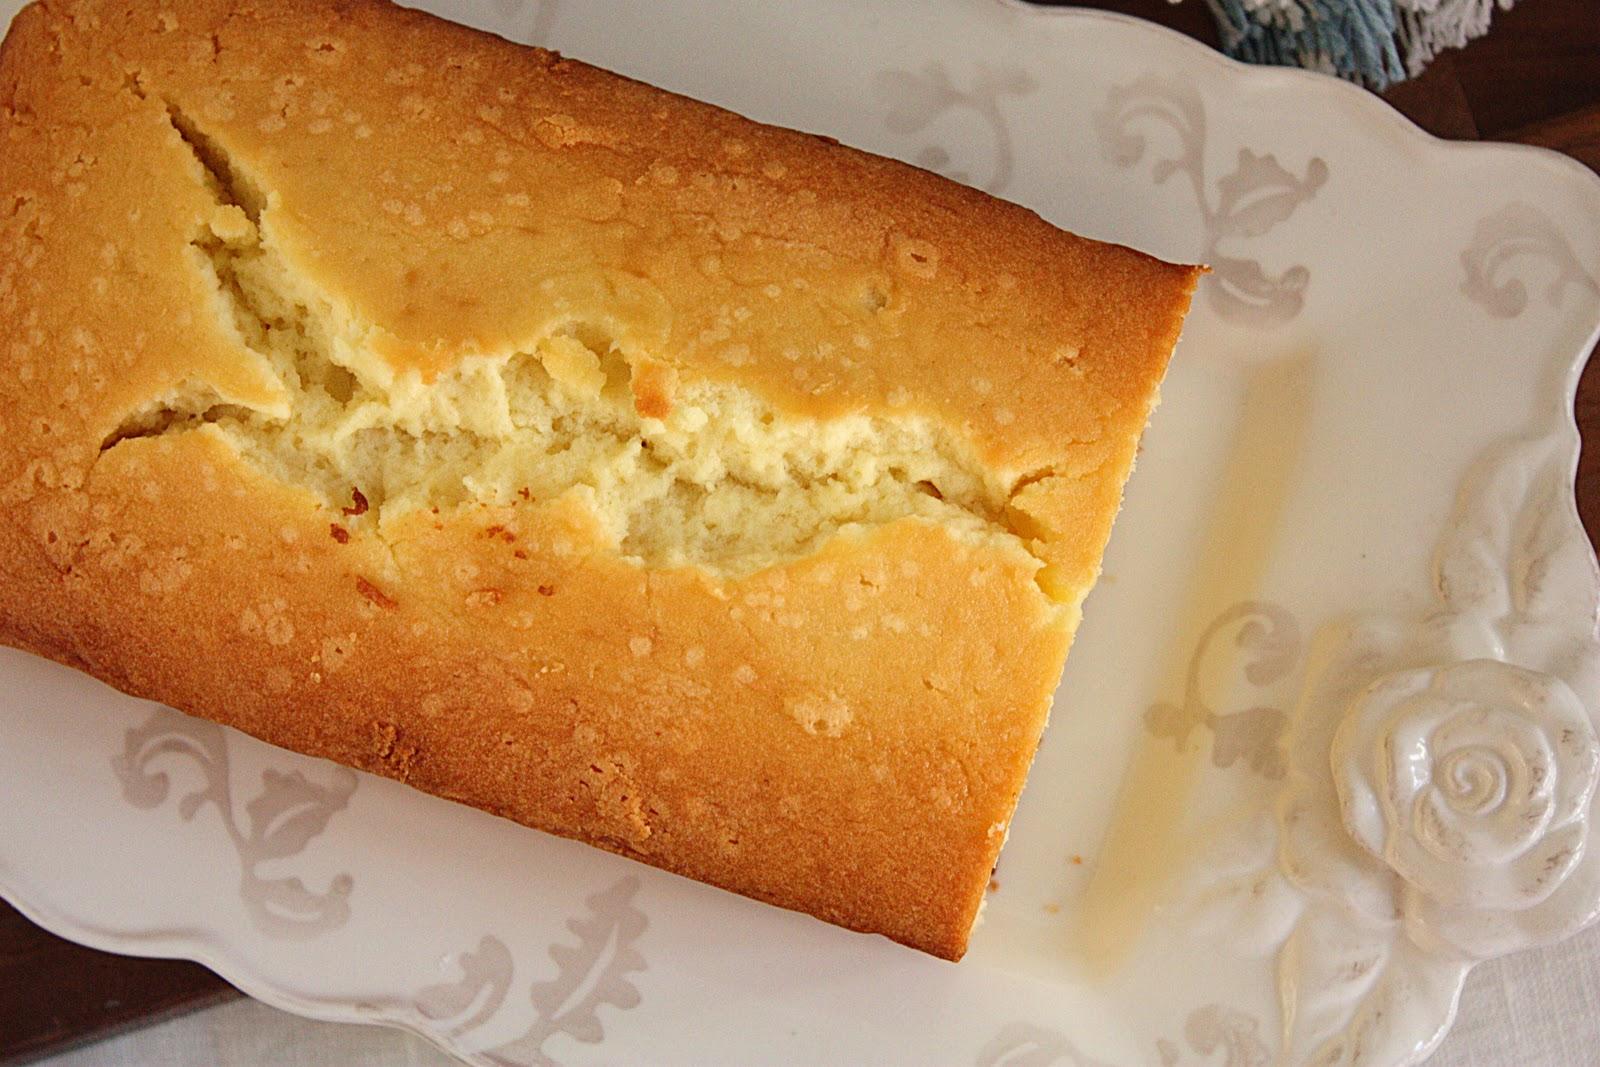 MARTHA STEWARTS CREAM CHEESE POUND CAKE